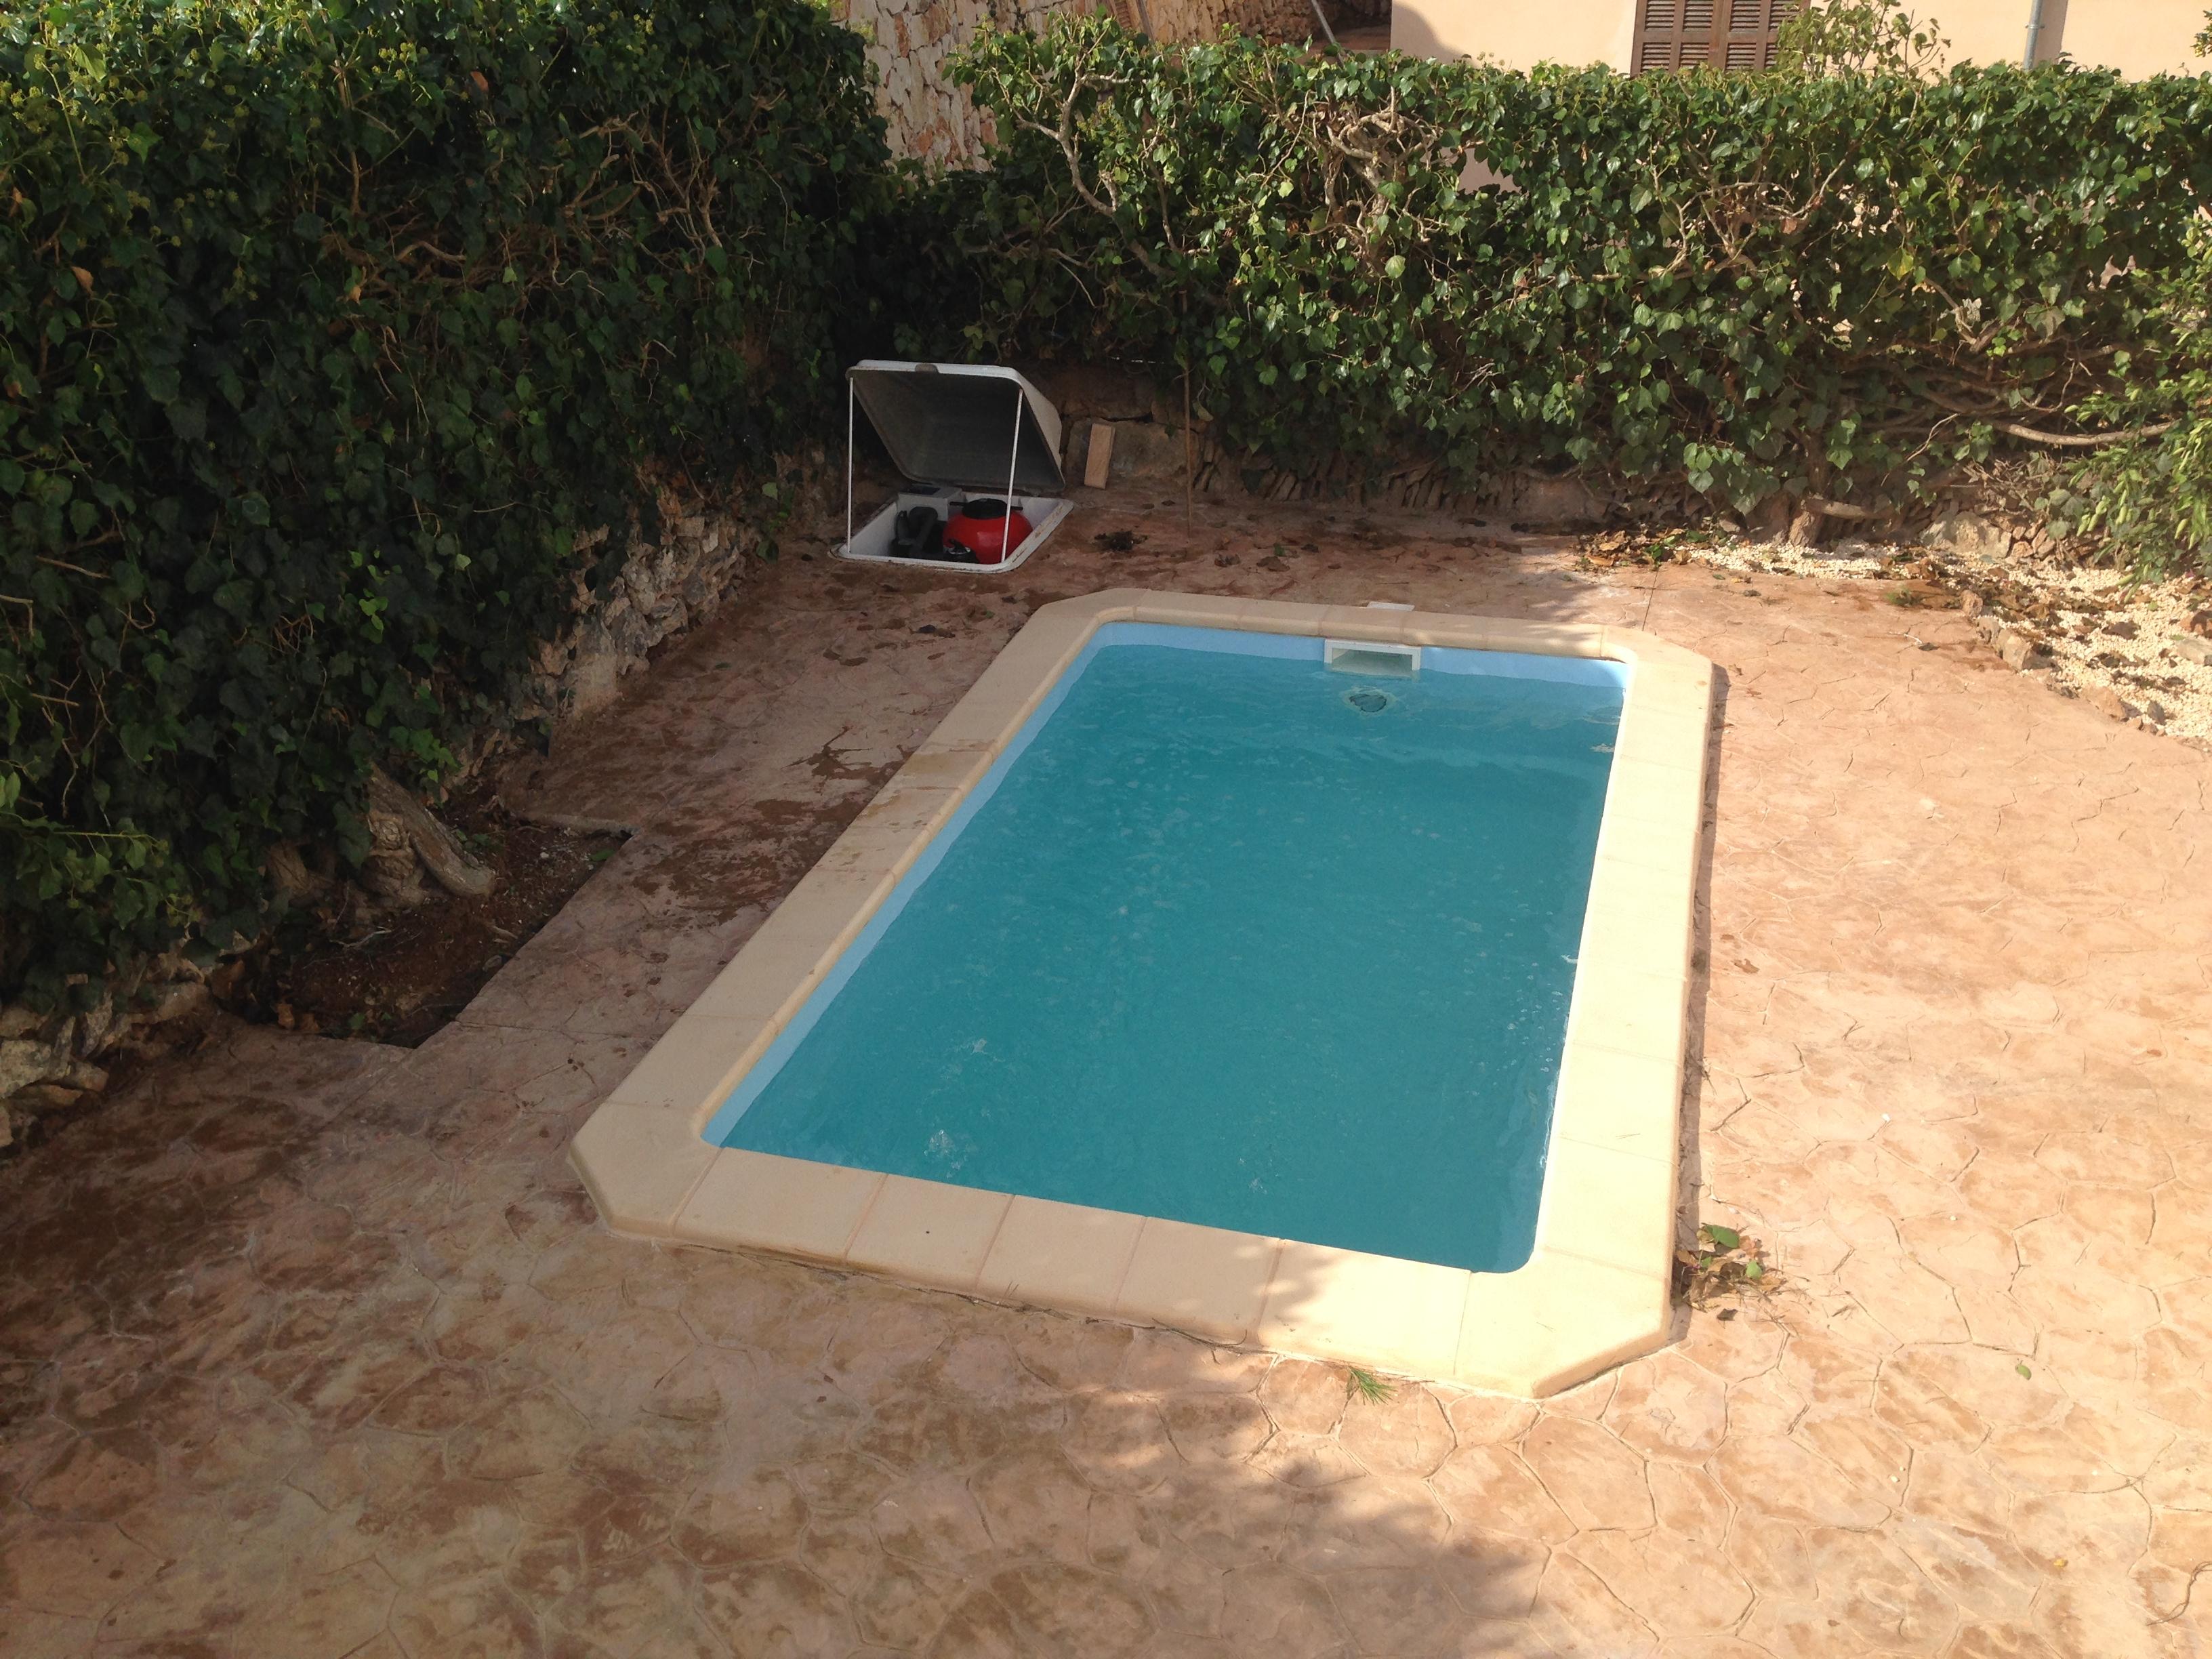 Piscinas mallorca europa piscinas palma - Piscinas palma de mallorca ...